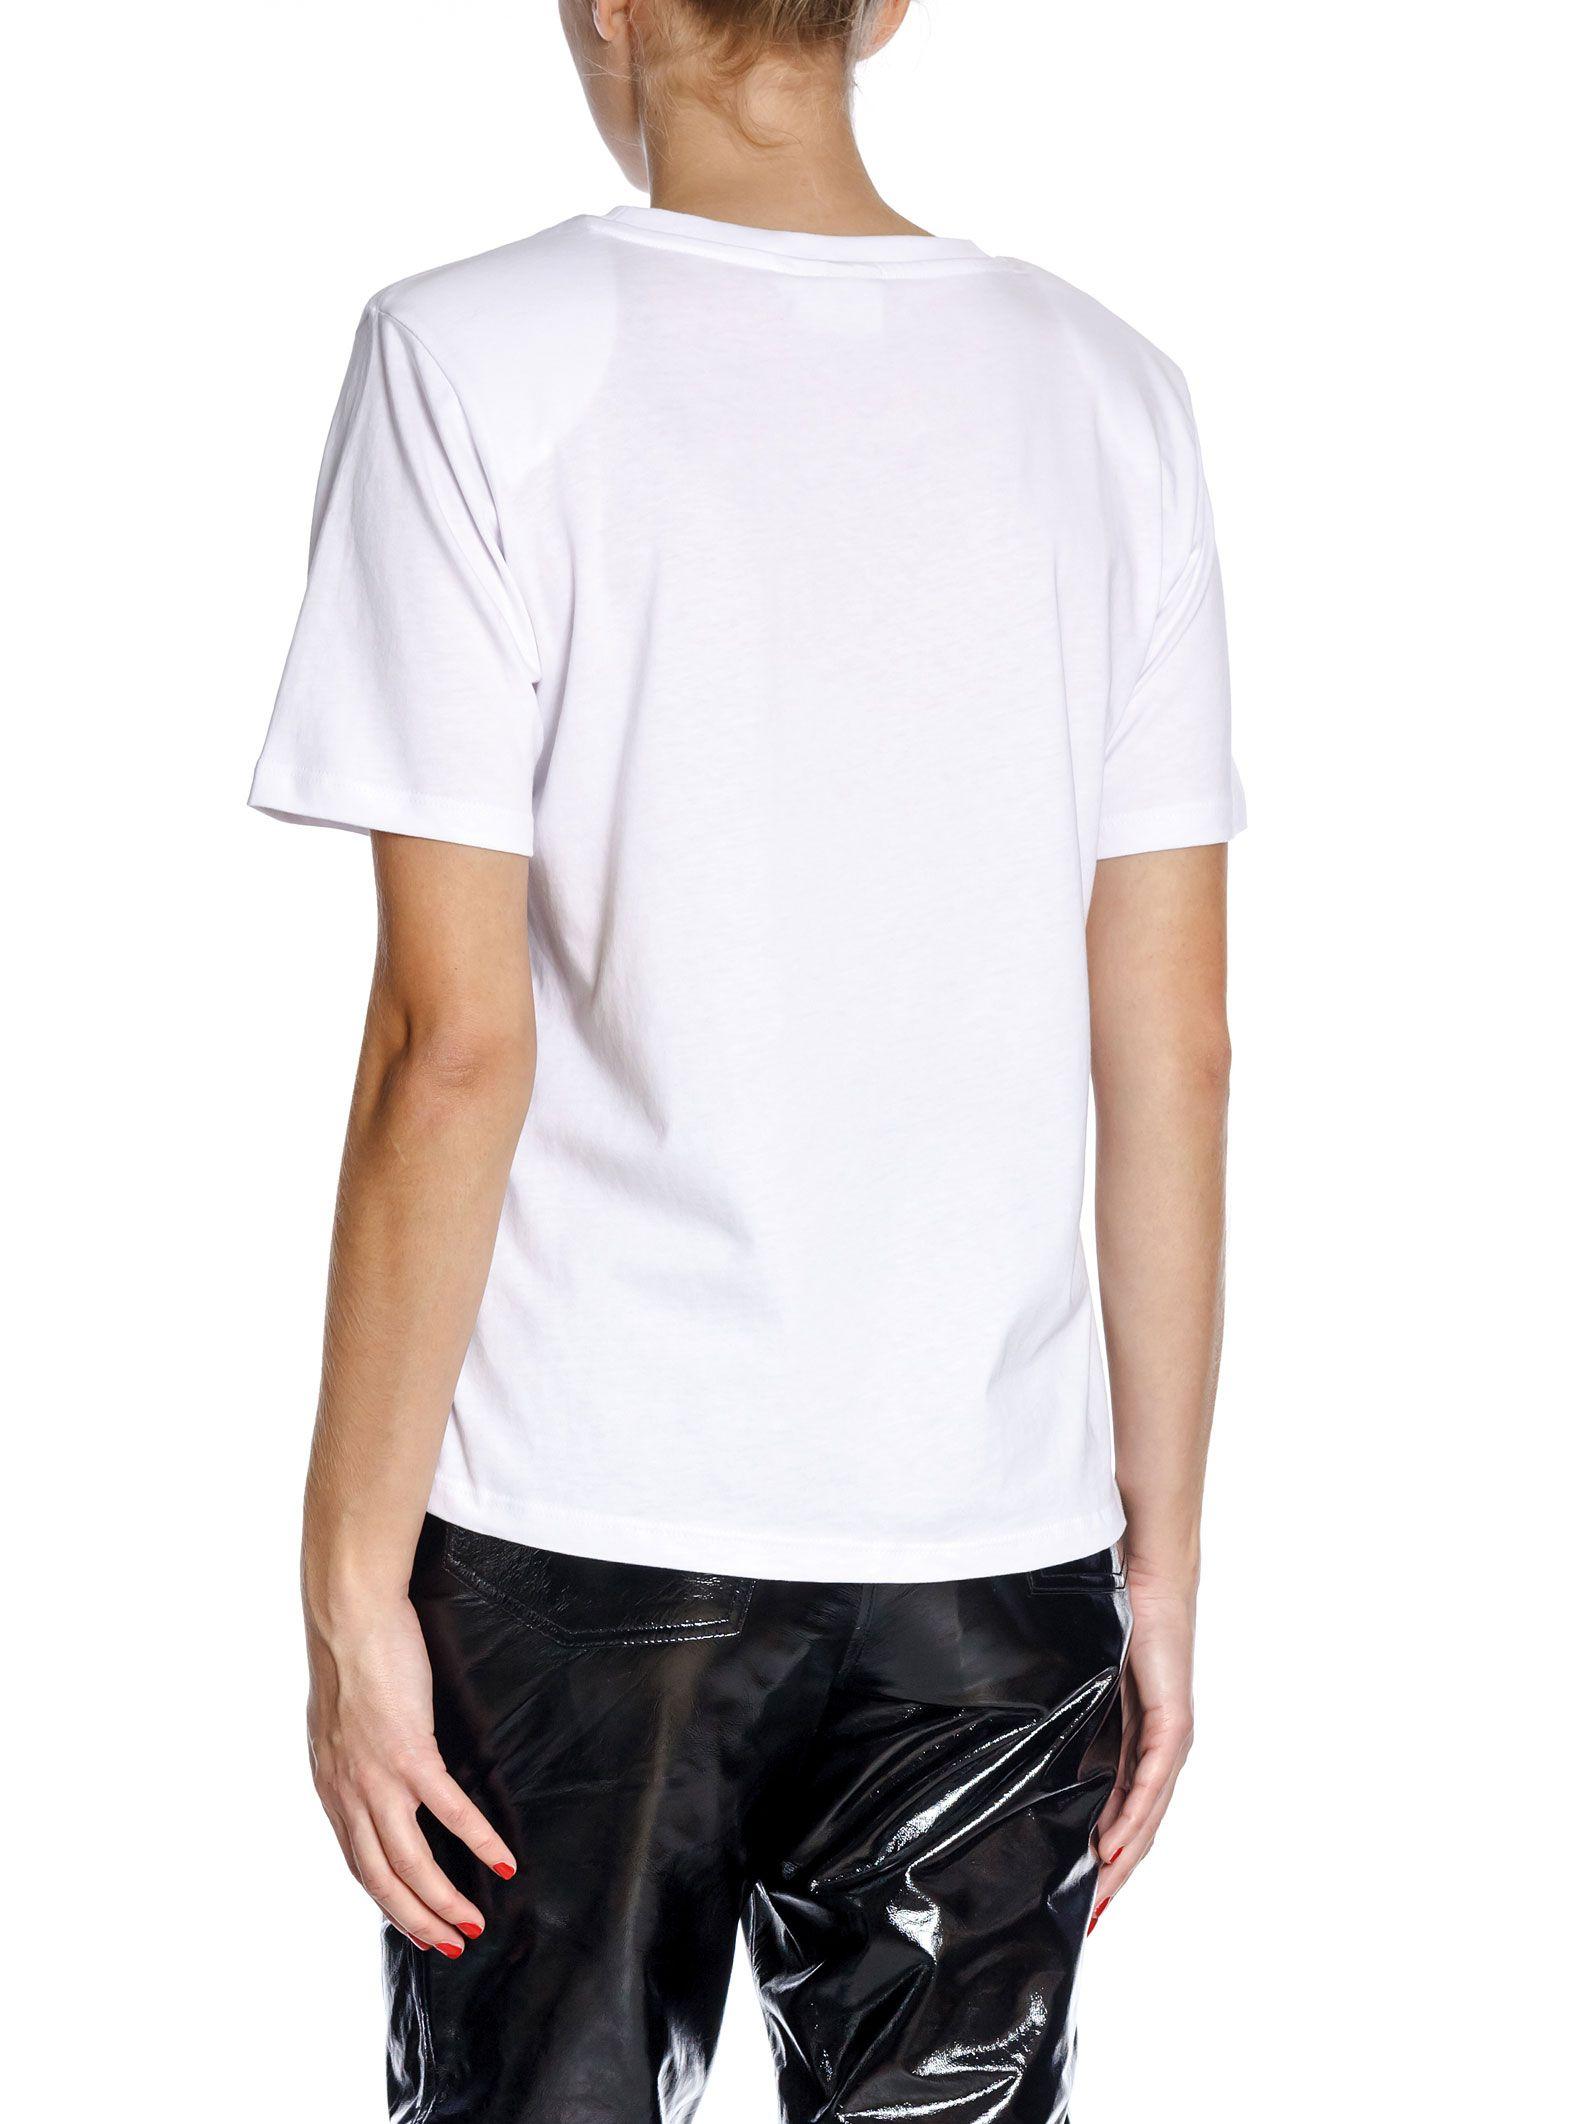 Hvit t-shirt med innsatt skulderputer Gestuz - jory tee